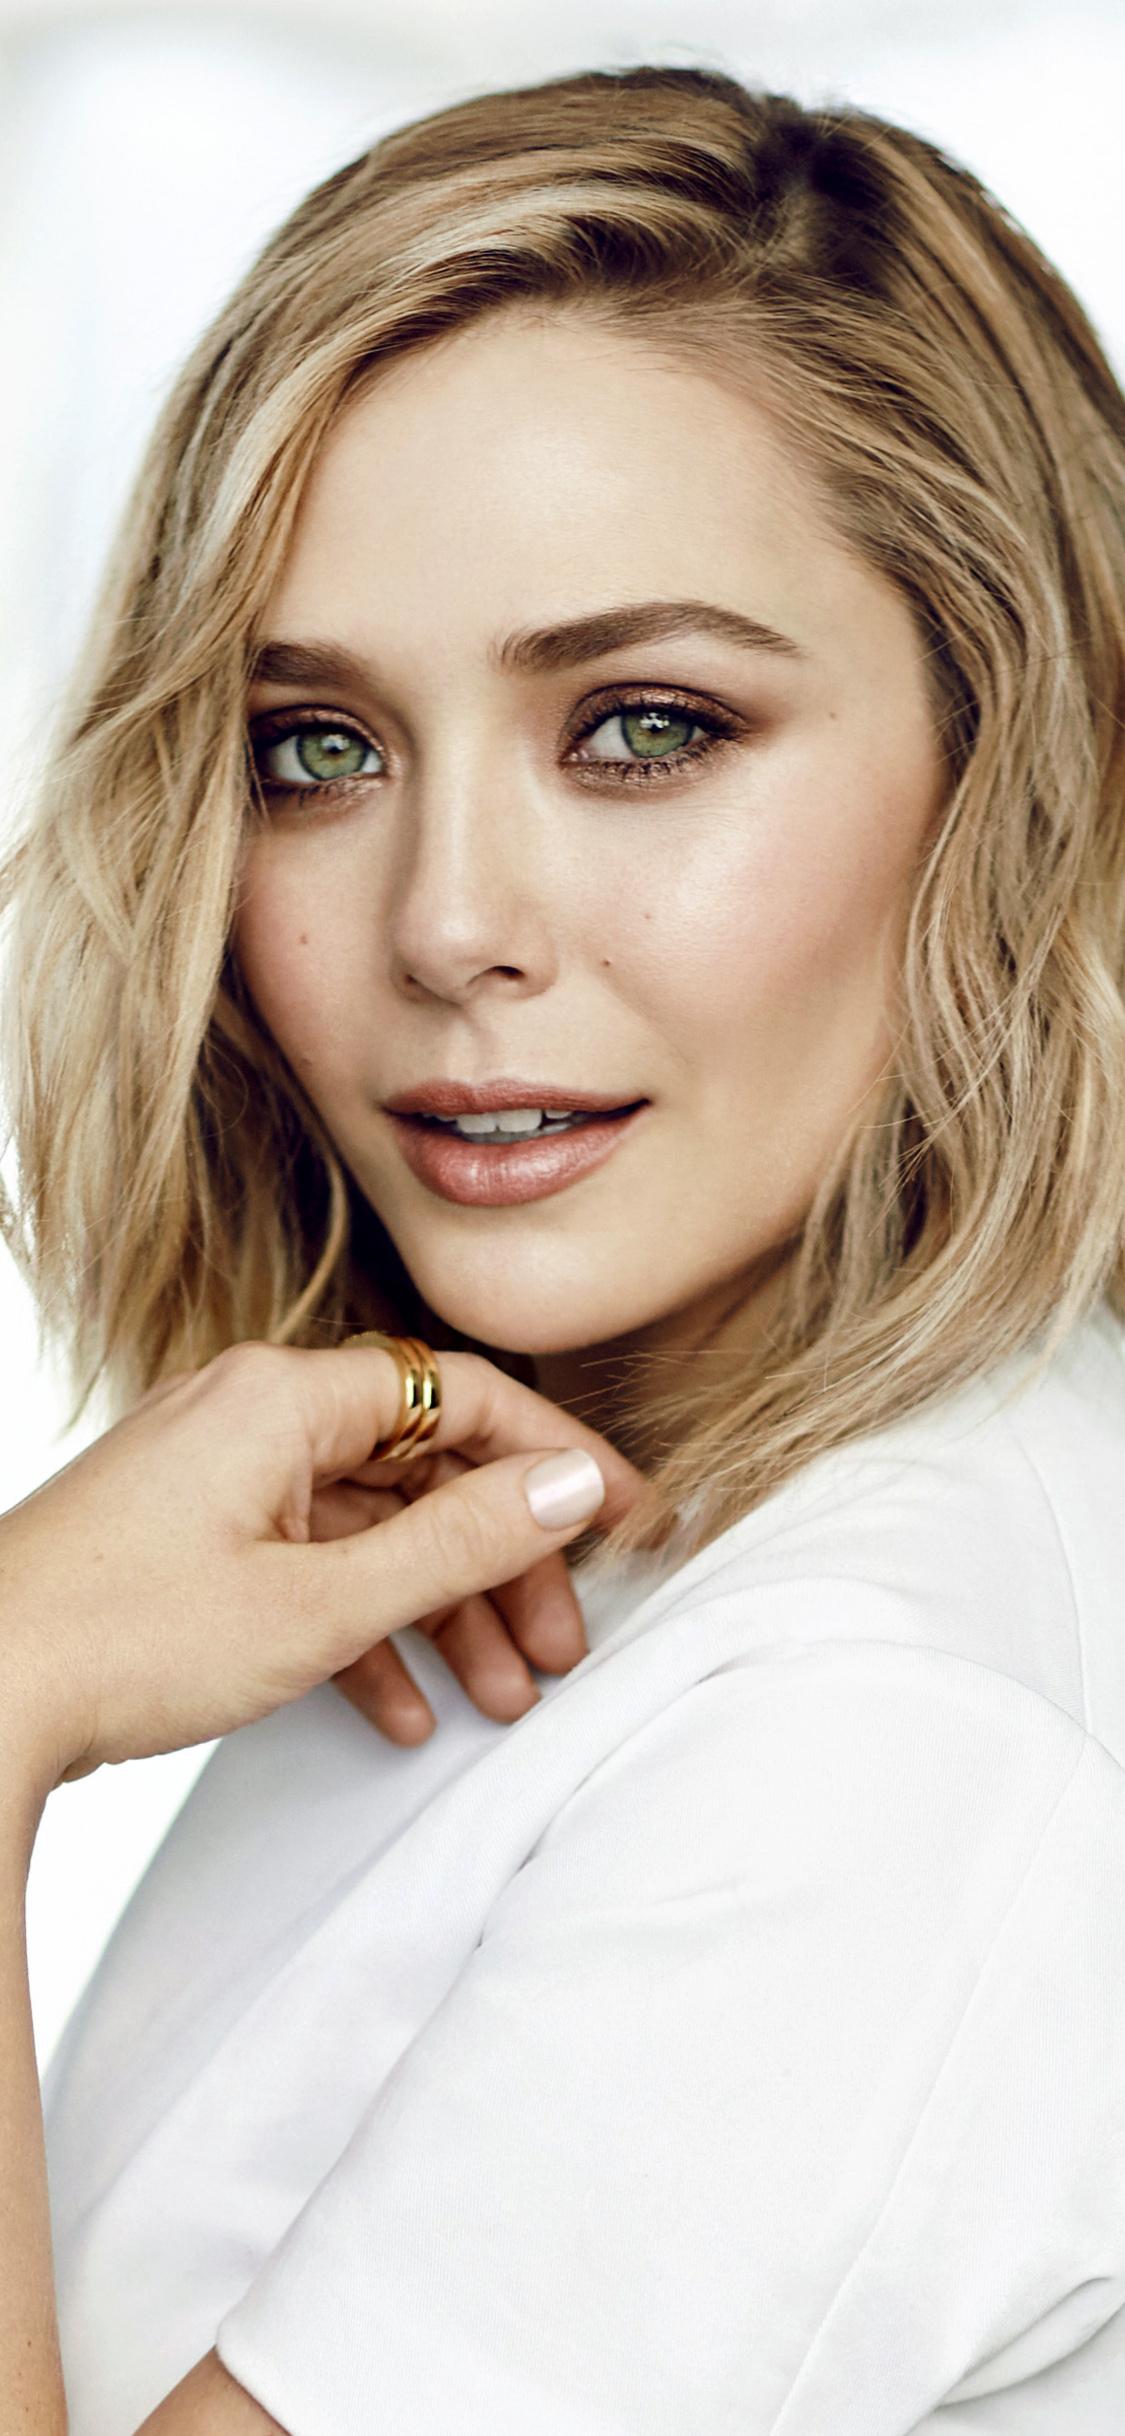 2018 Elizabeth Olsen 4k Is